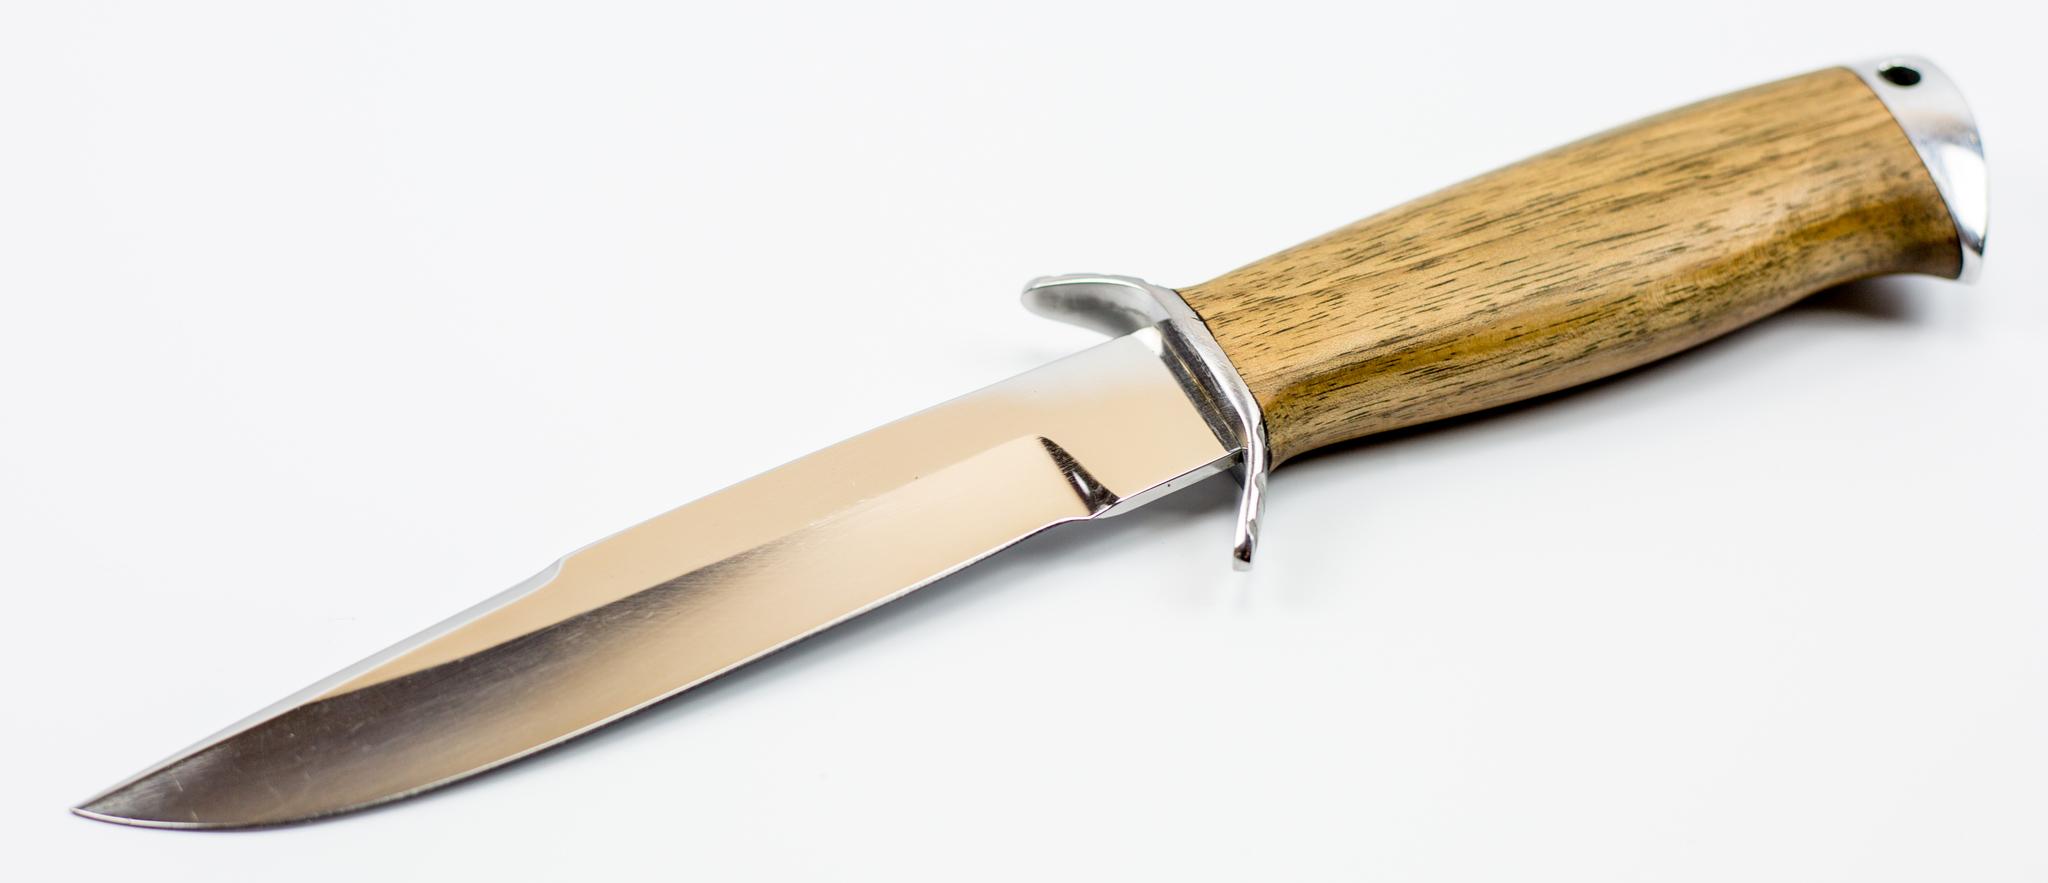 Фото 2 - Нож Смерч-2, 65Х13 от Павловские ножи